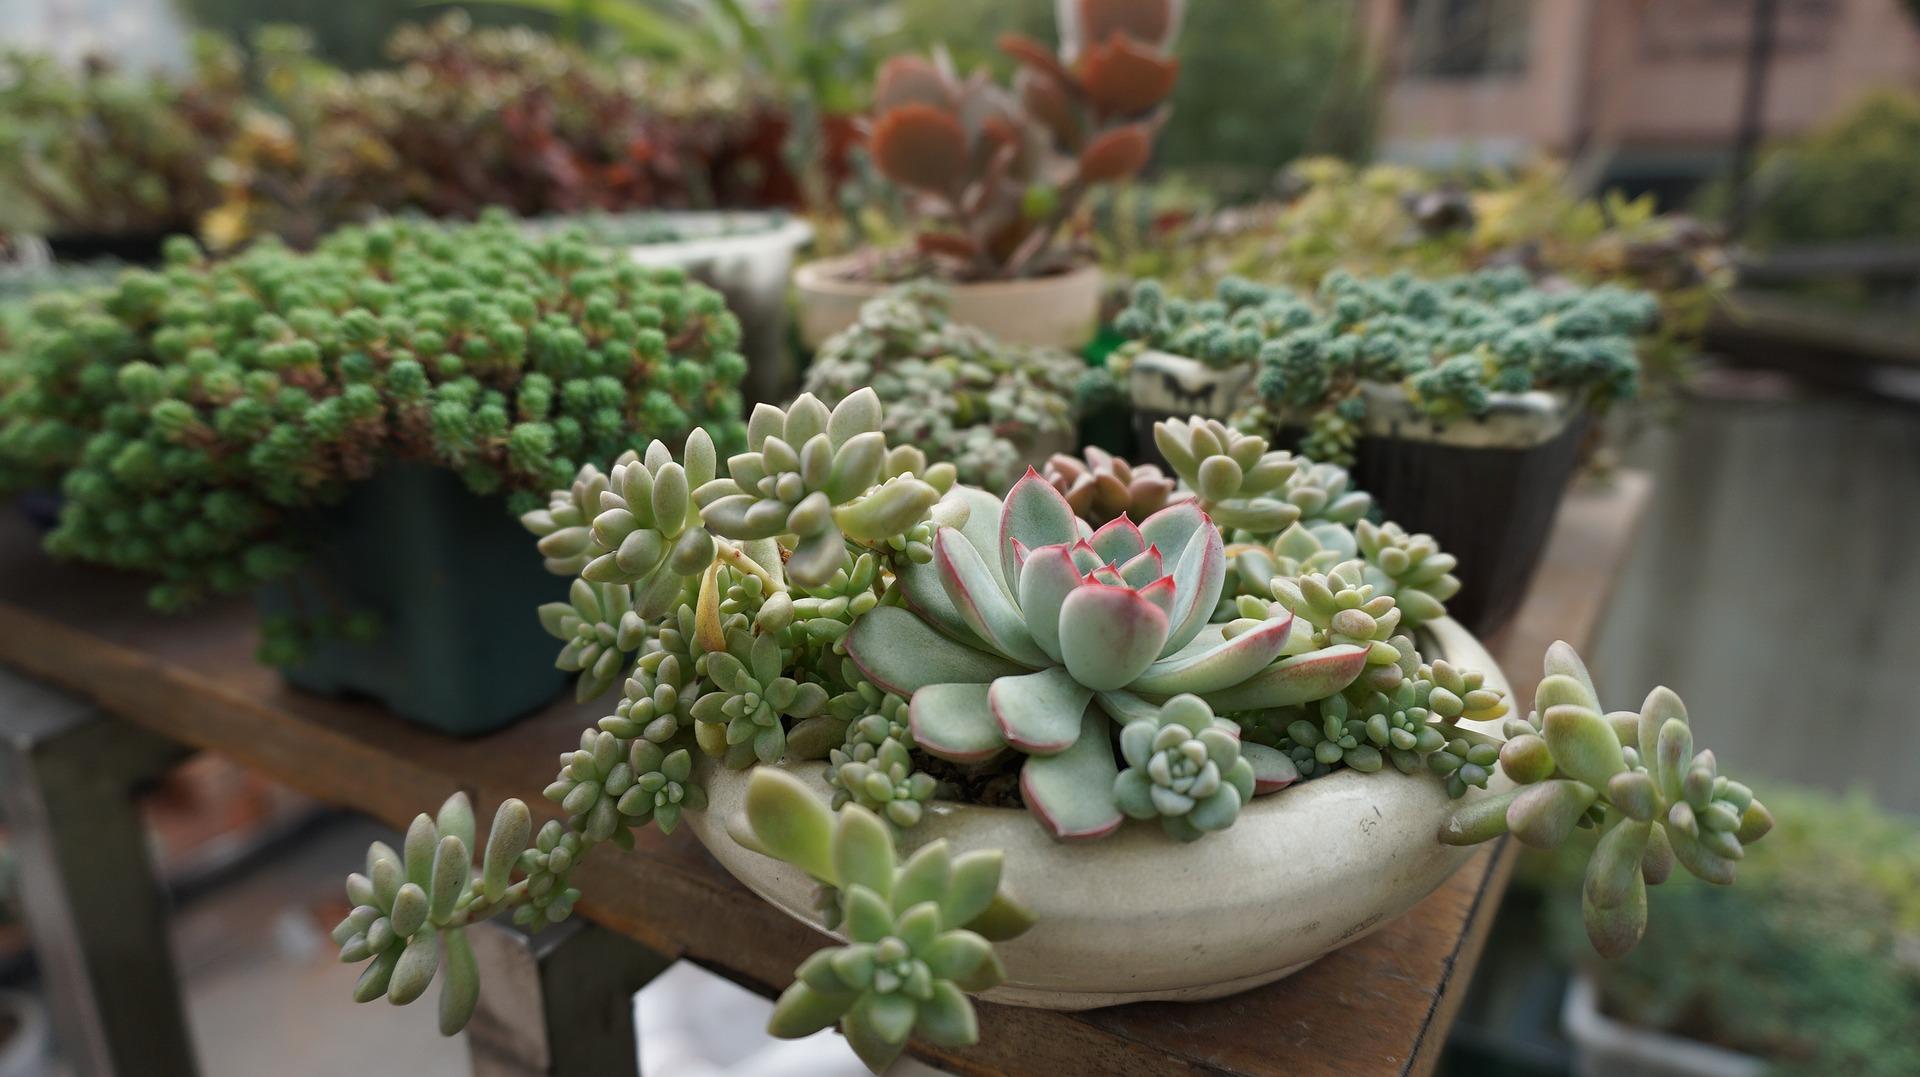 Ver fotos de plantas suculentas 29